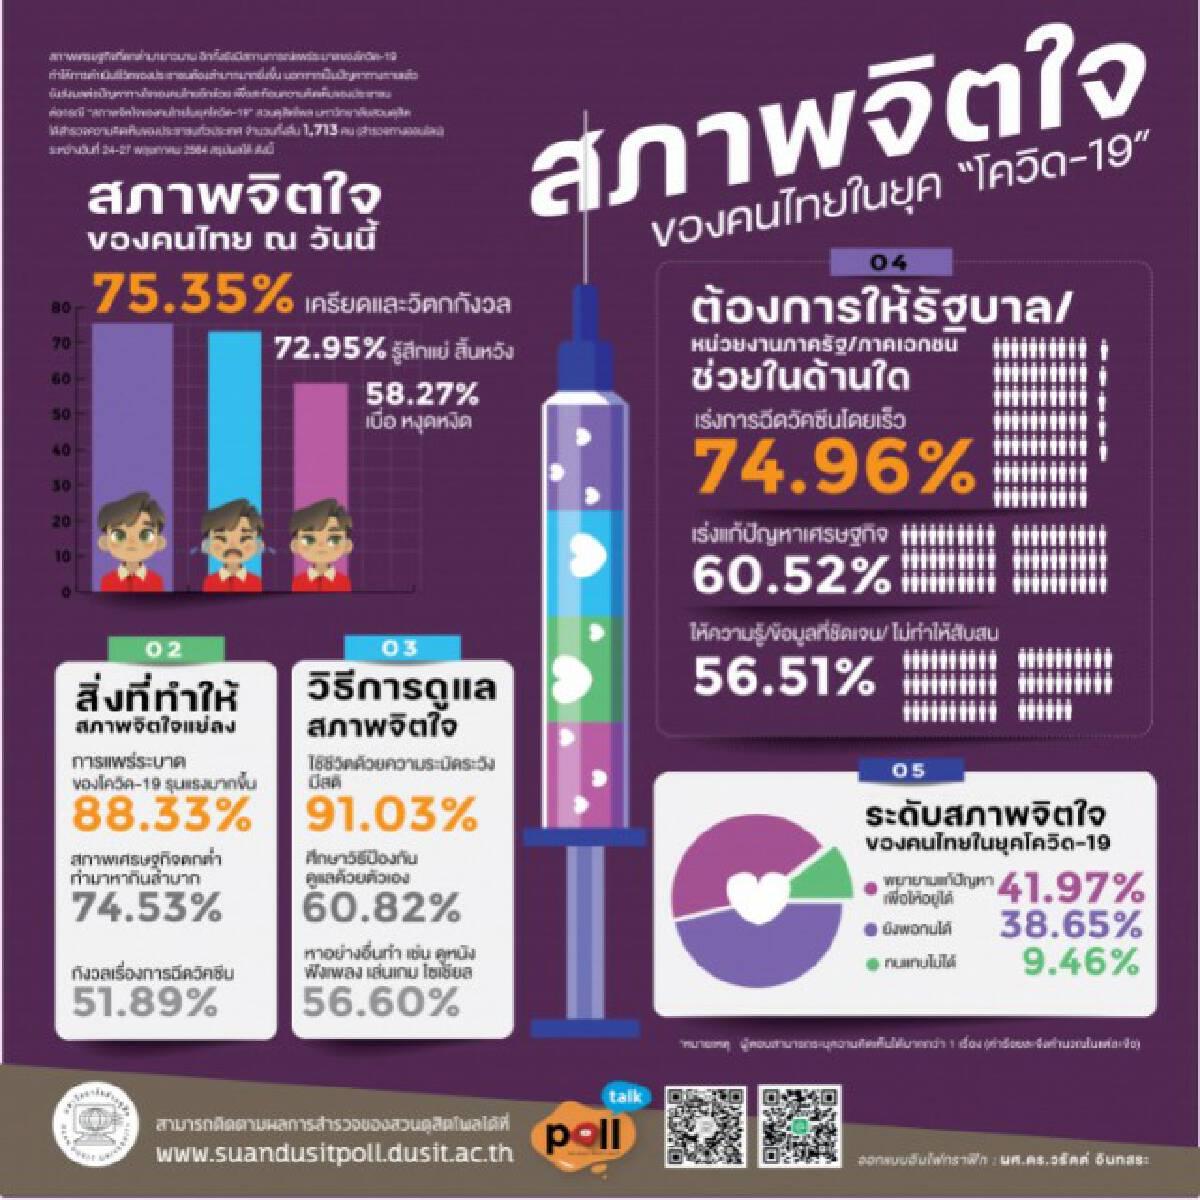 สวนดุสิตโพล เผย คนไทยสิ้นหวังและเครียด ในยุคโควิด ระบุ ดูแลสภาพจิตใจด้วยมีสติ